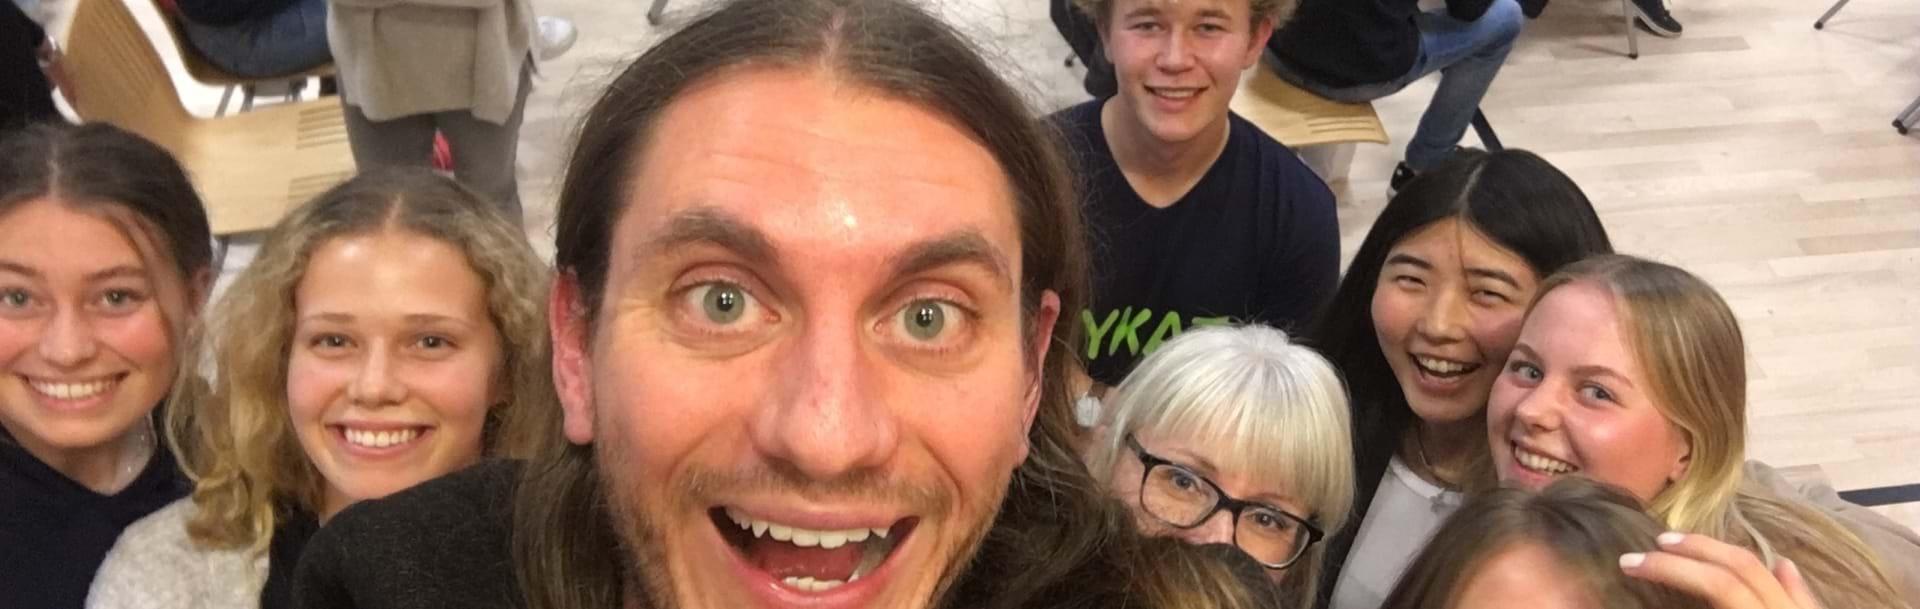 Lærer og elever tager selfie sammen